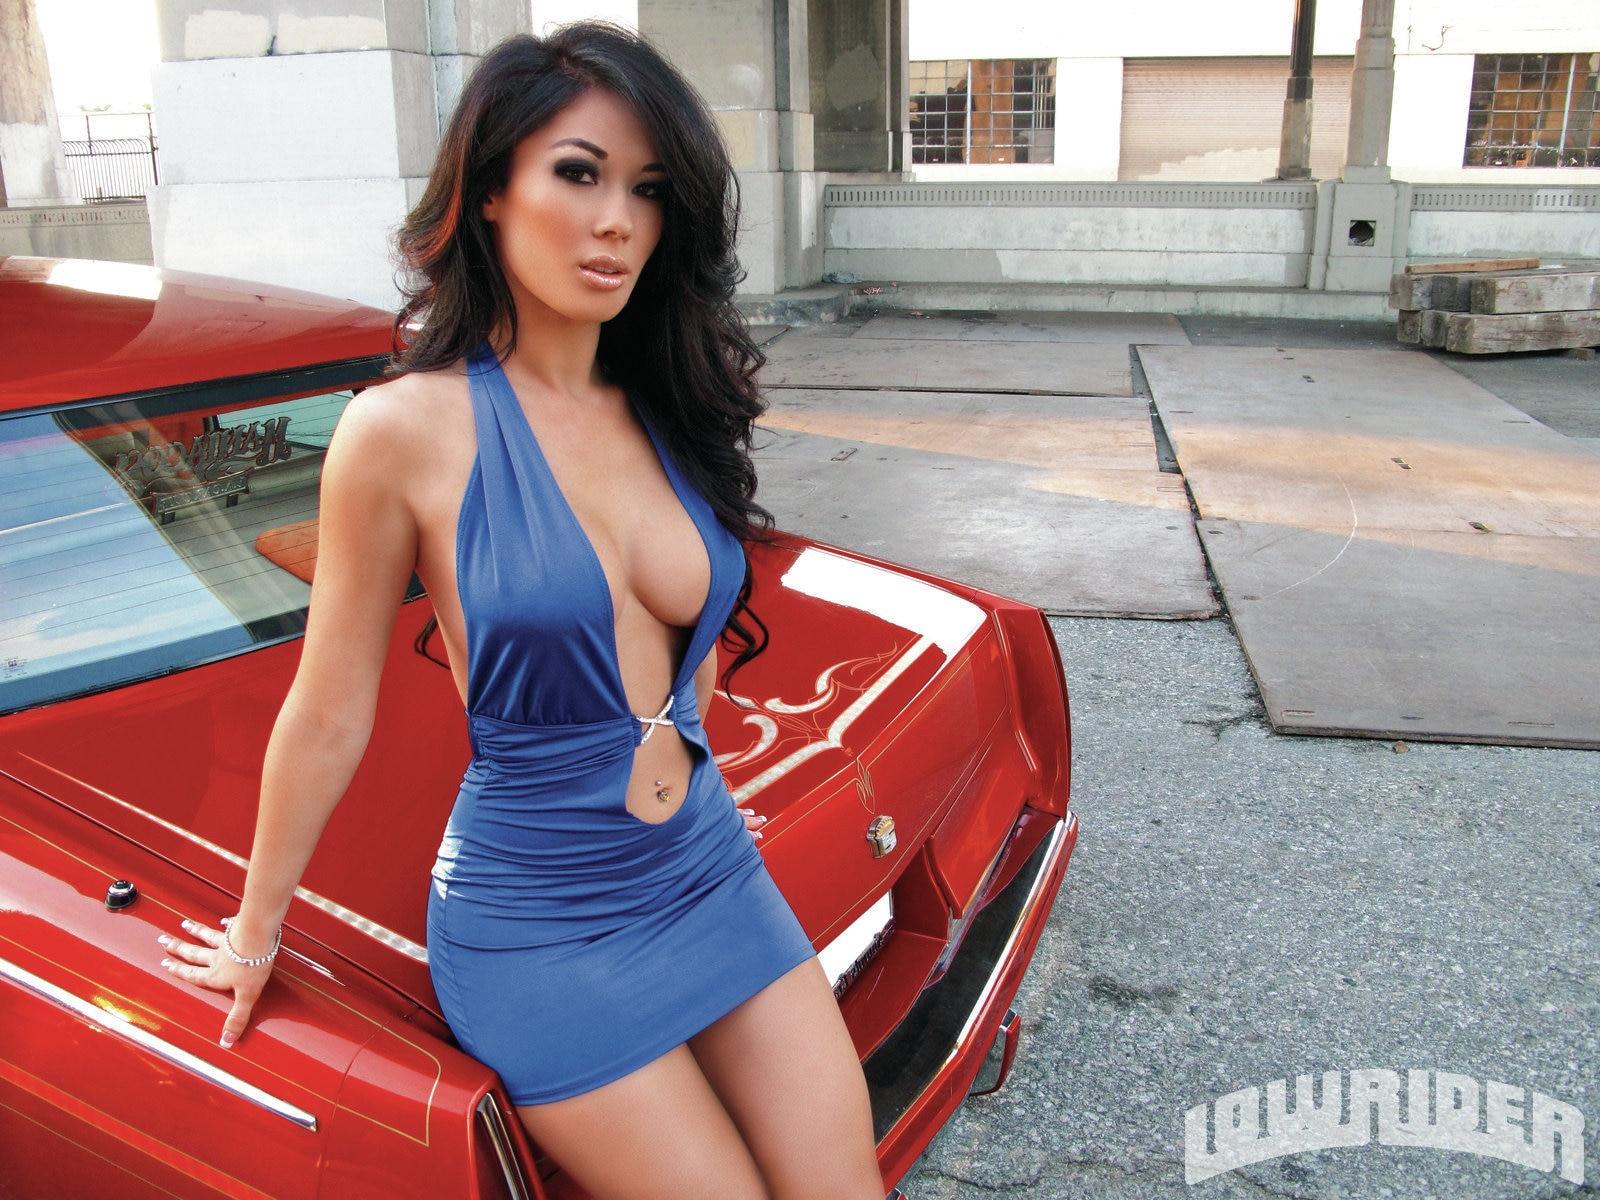 Maya Lowrider Girls Model Lowrider Girls Magazine